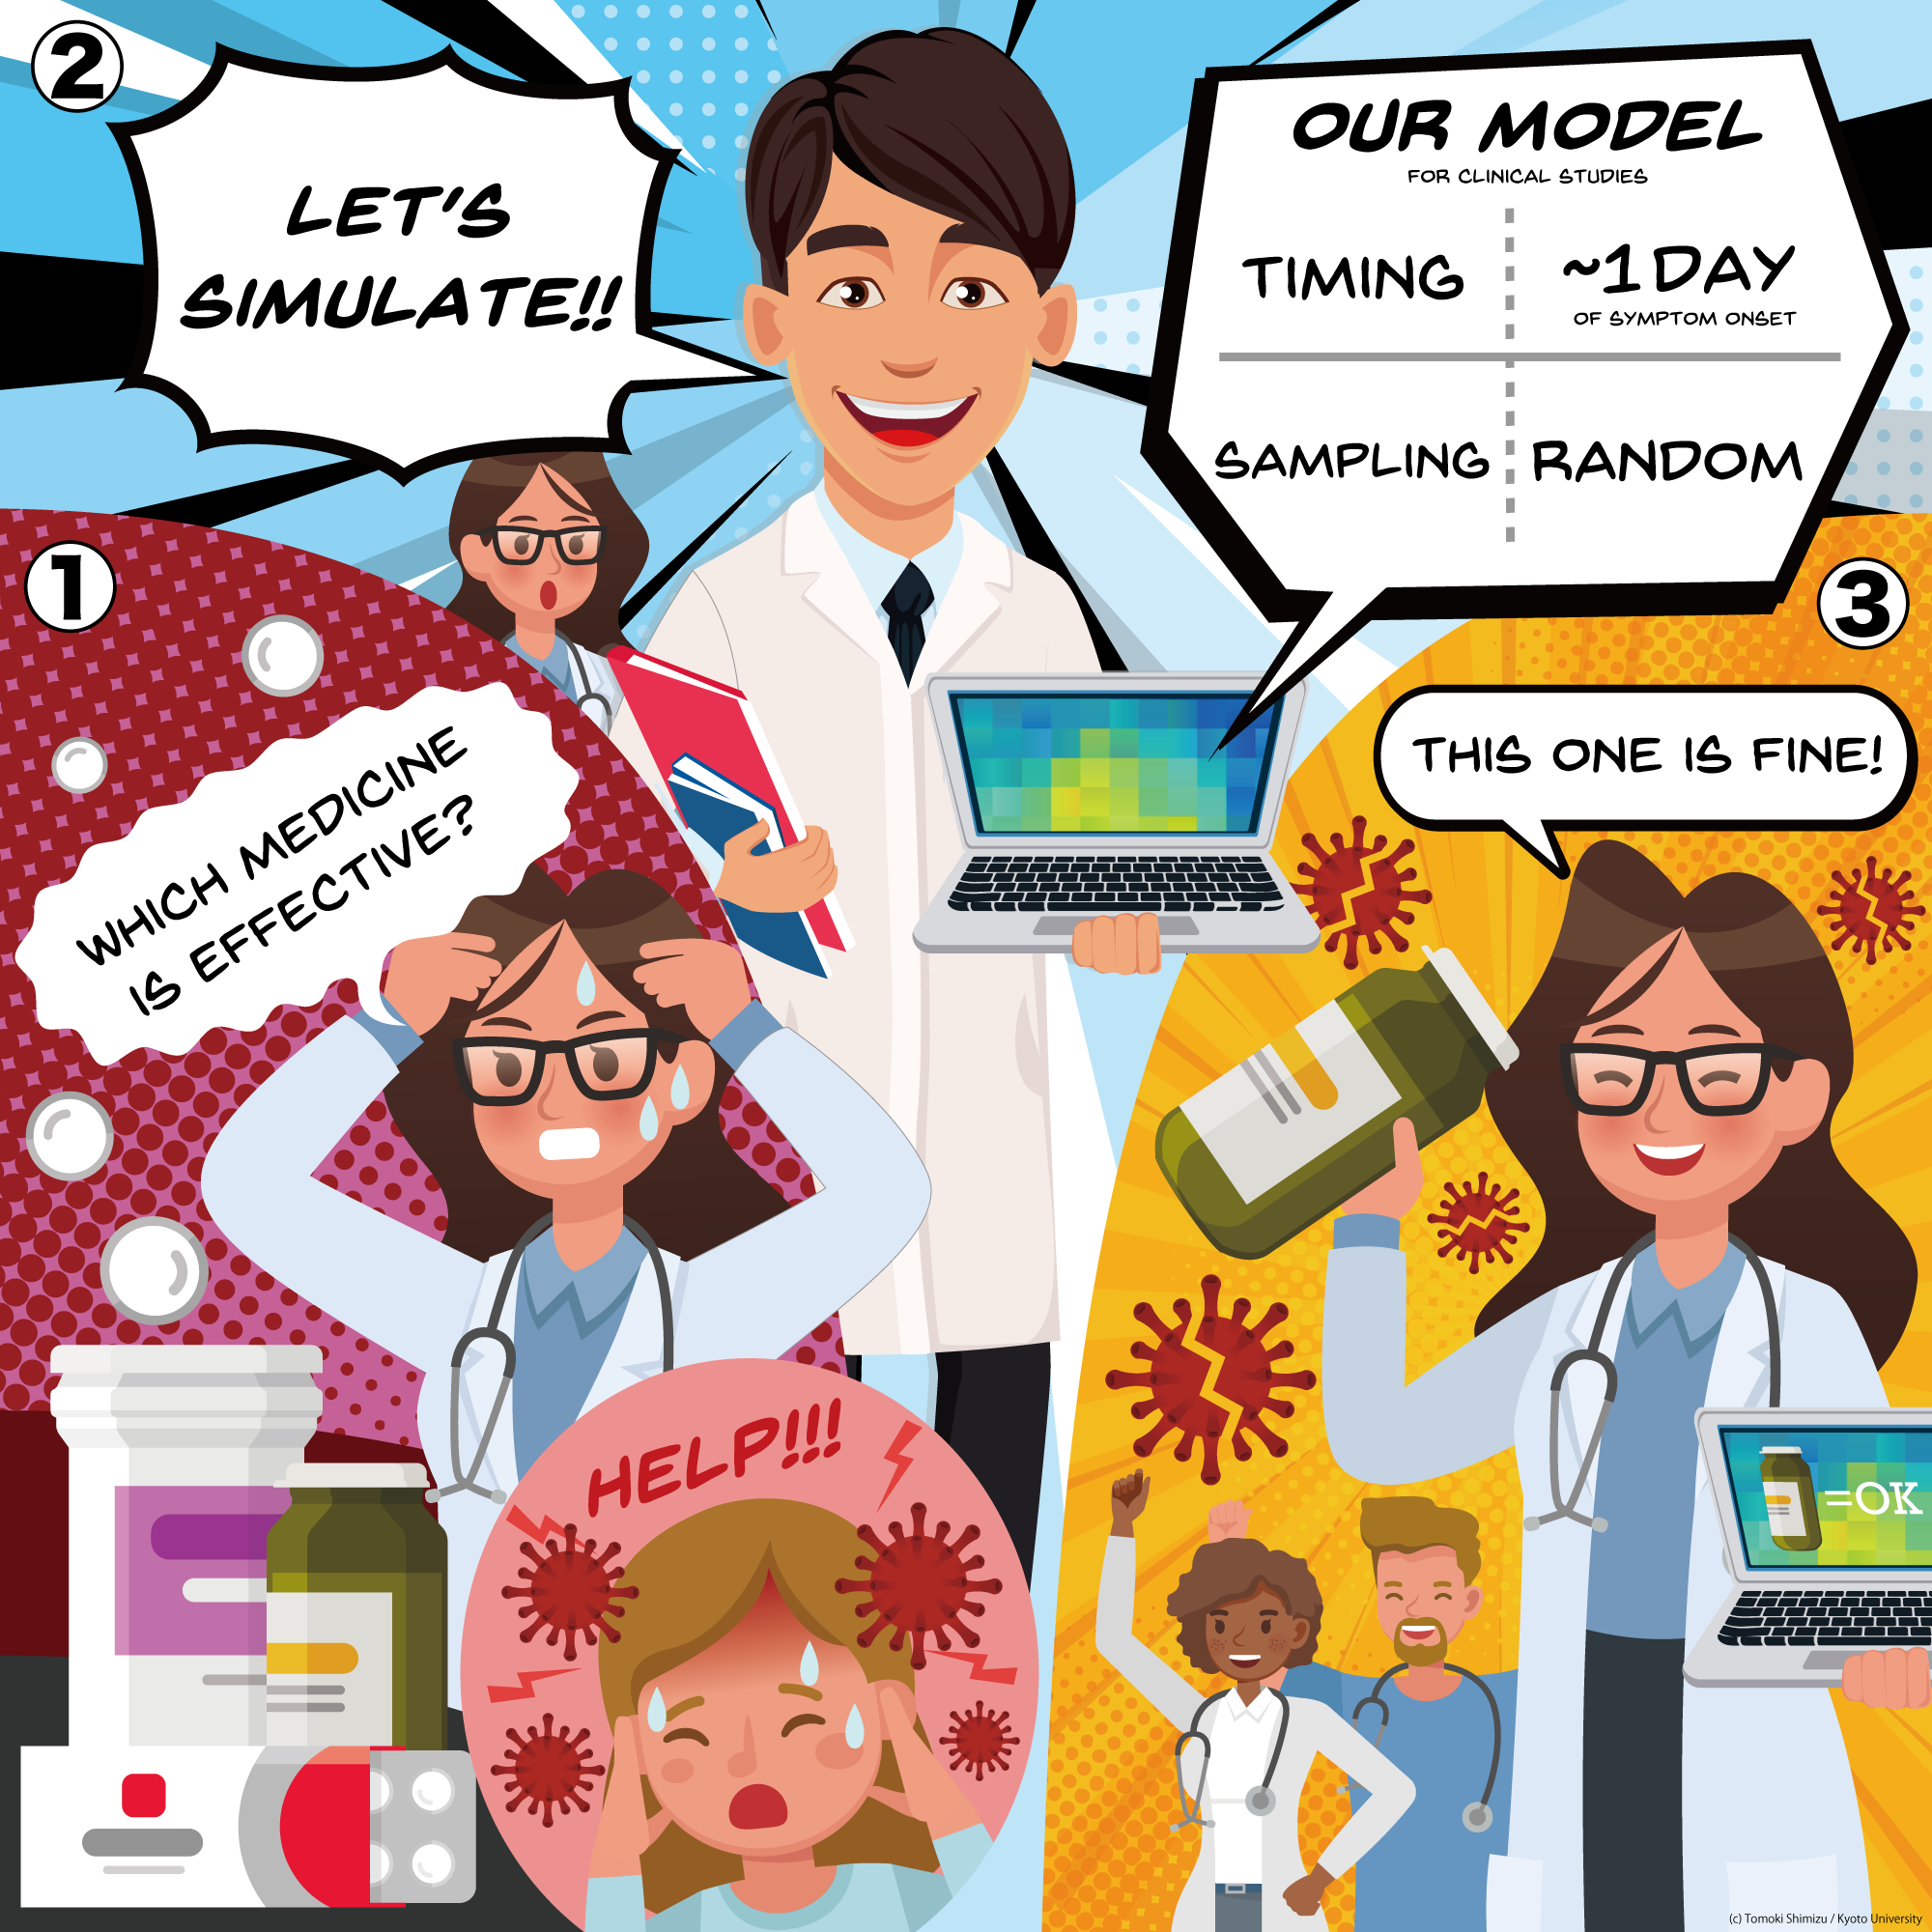 数理モデルによる臨床試験シミュレータを開発